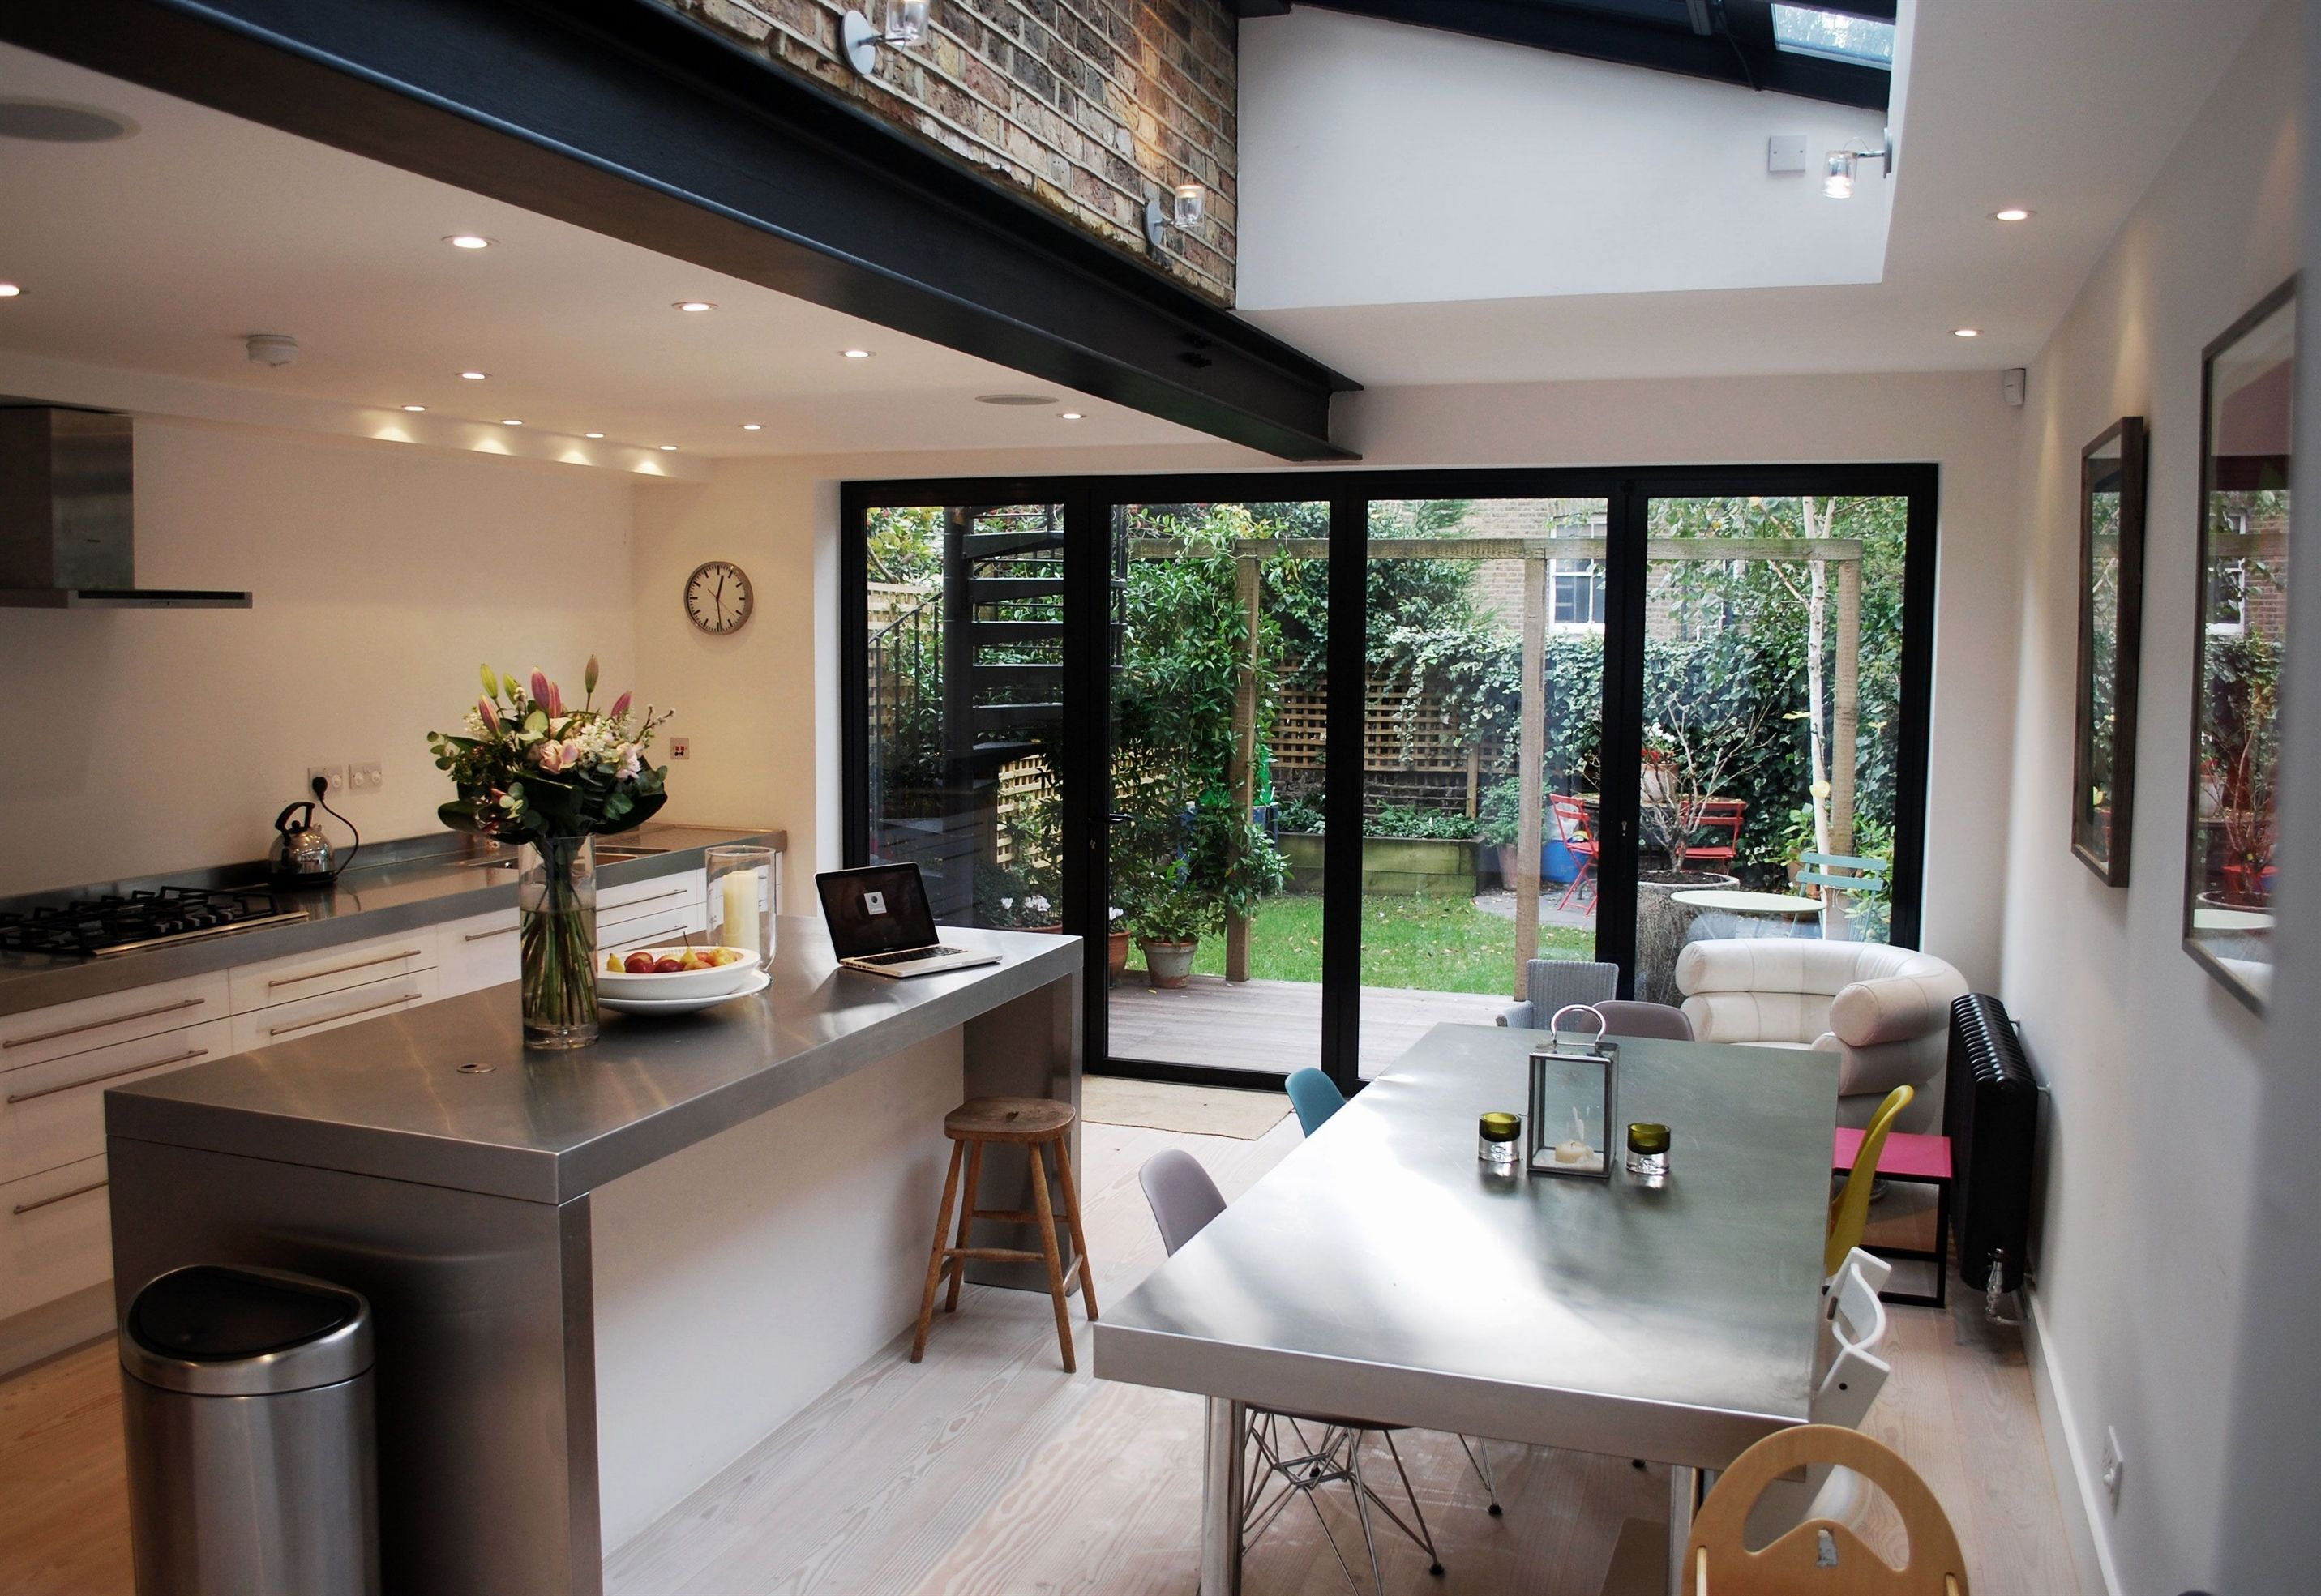 Discover ideas about living room kitchen also un certain equilibre de moderne loft cuisine sur jardin et rh pinterest